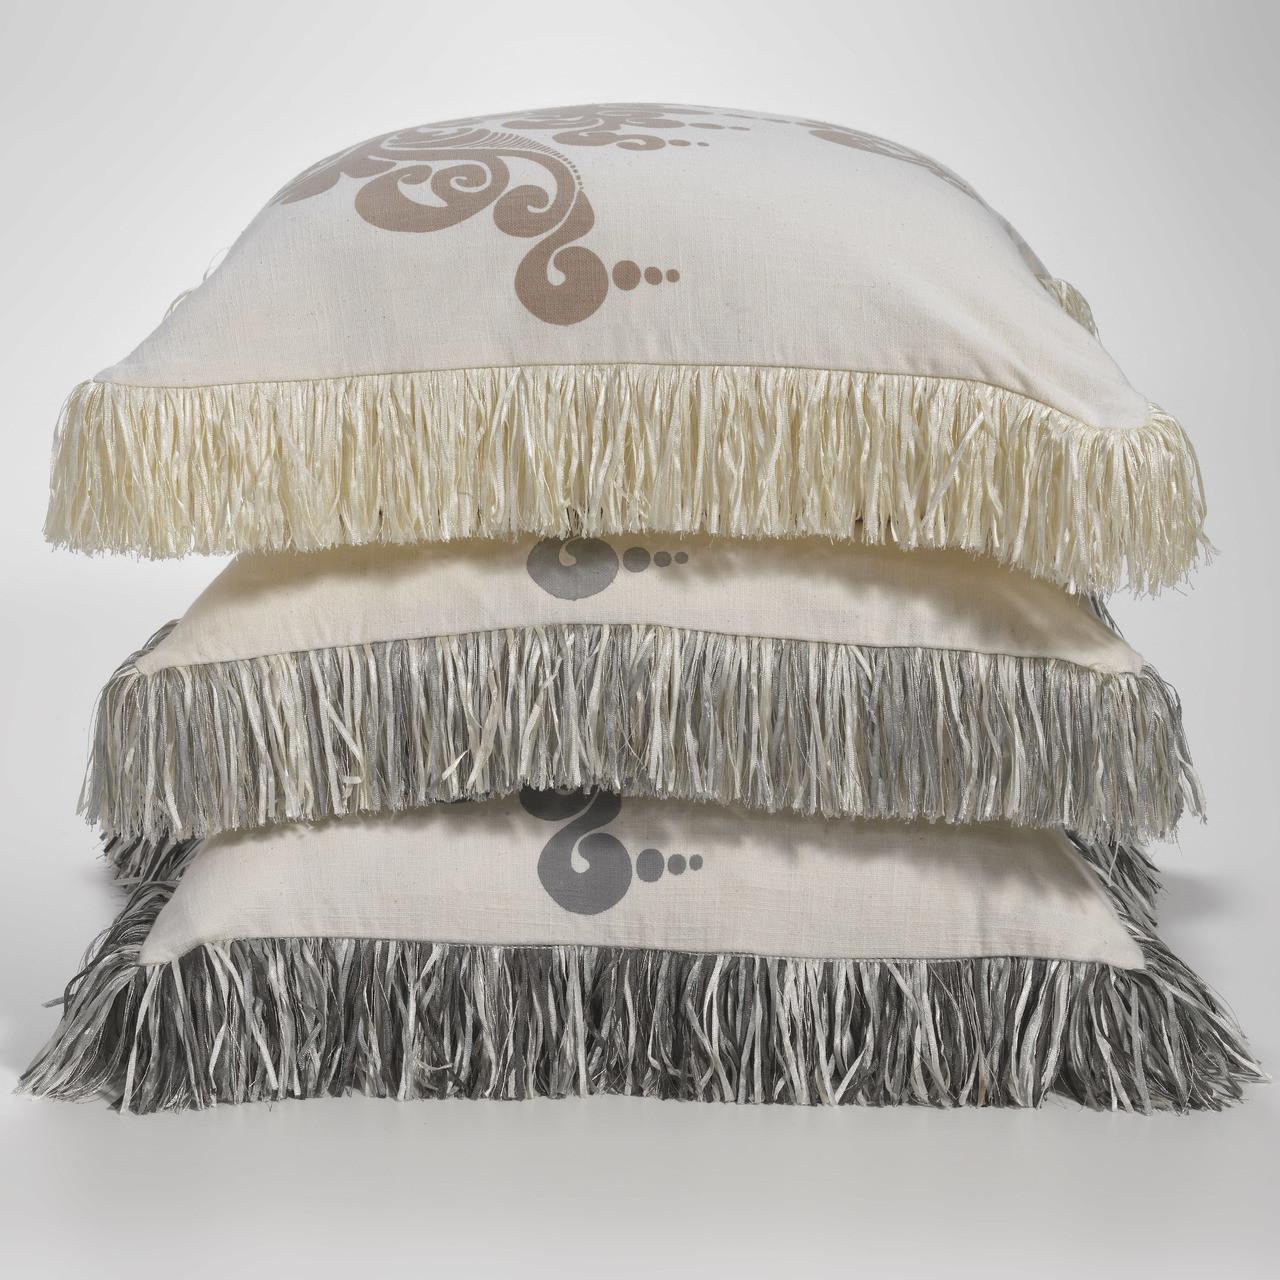 Remarkable Enchantique Decorative Pillow Lamtechconsult Wood Chair Design Ideas Lamtechconsultcom